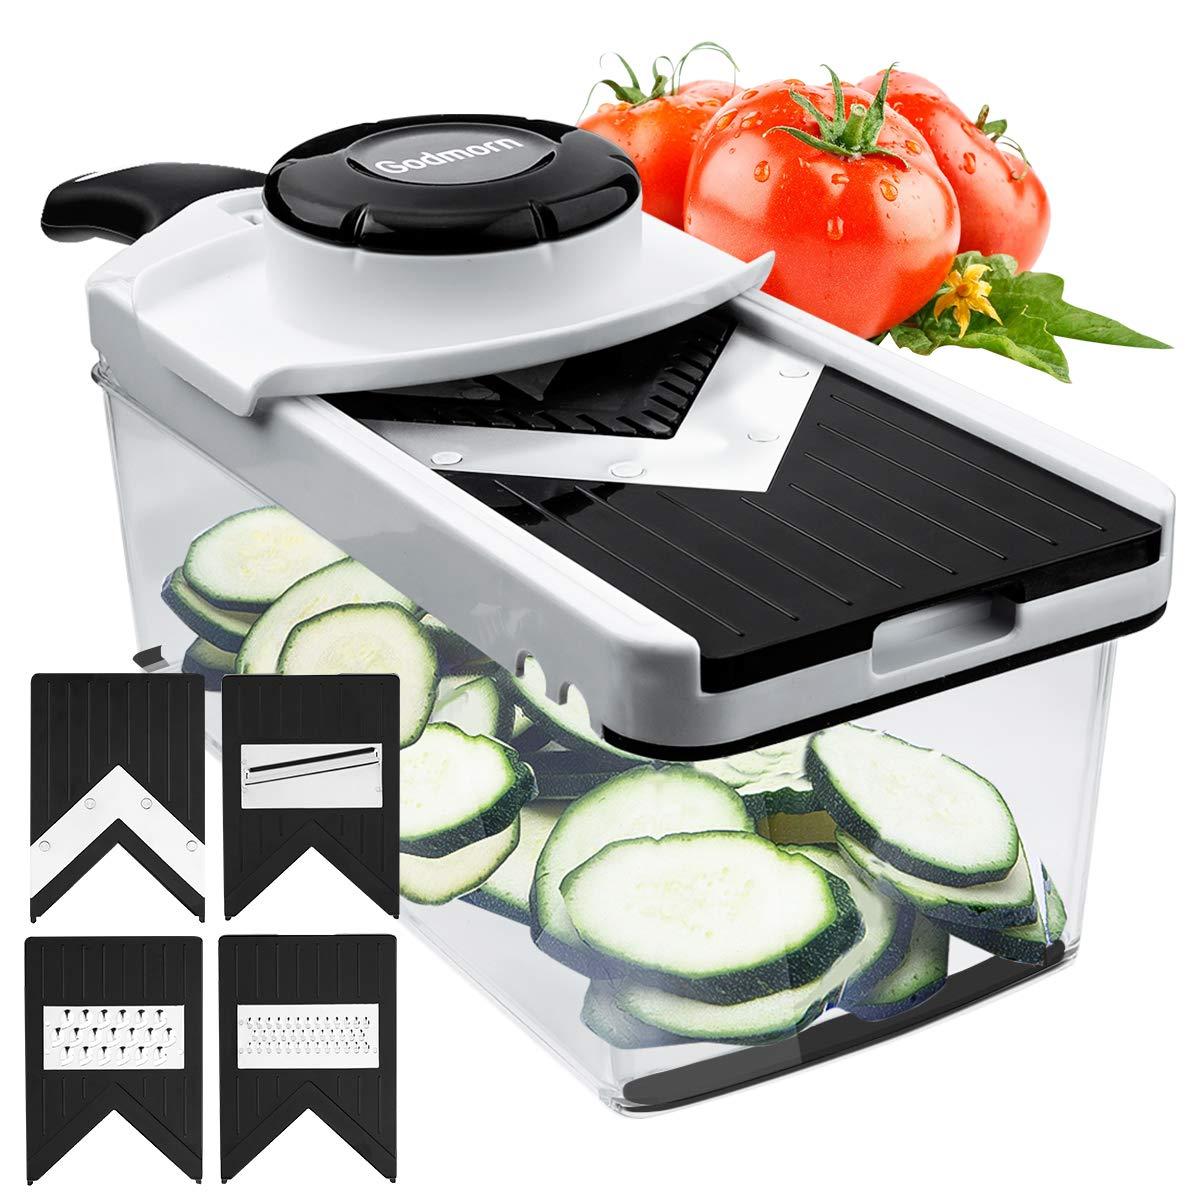 Adjustable Mandoline Slicer Vegetable Slicer - Godmorn 5 V Blades - V Slicer Veggie Slicer Mandoline Food Slicer - Mandoline Cutter Vegetable Cutter - Grater & Julienne Slicer